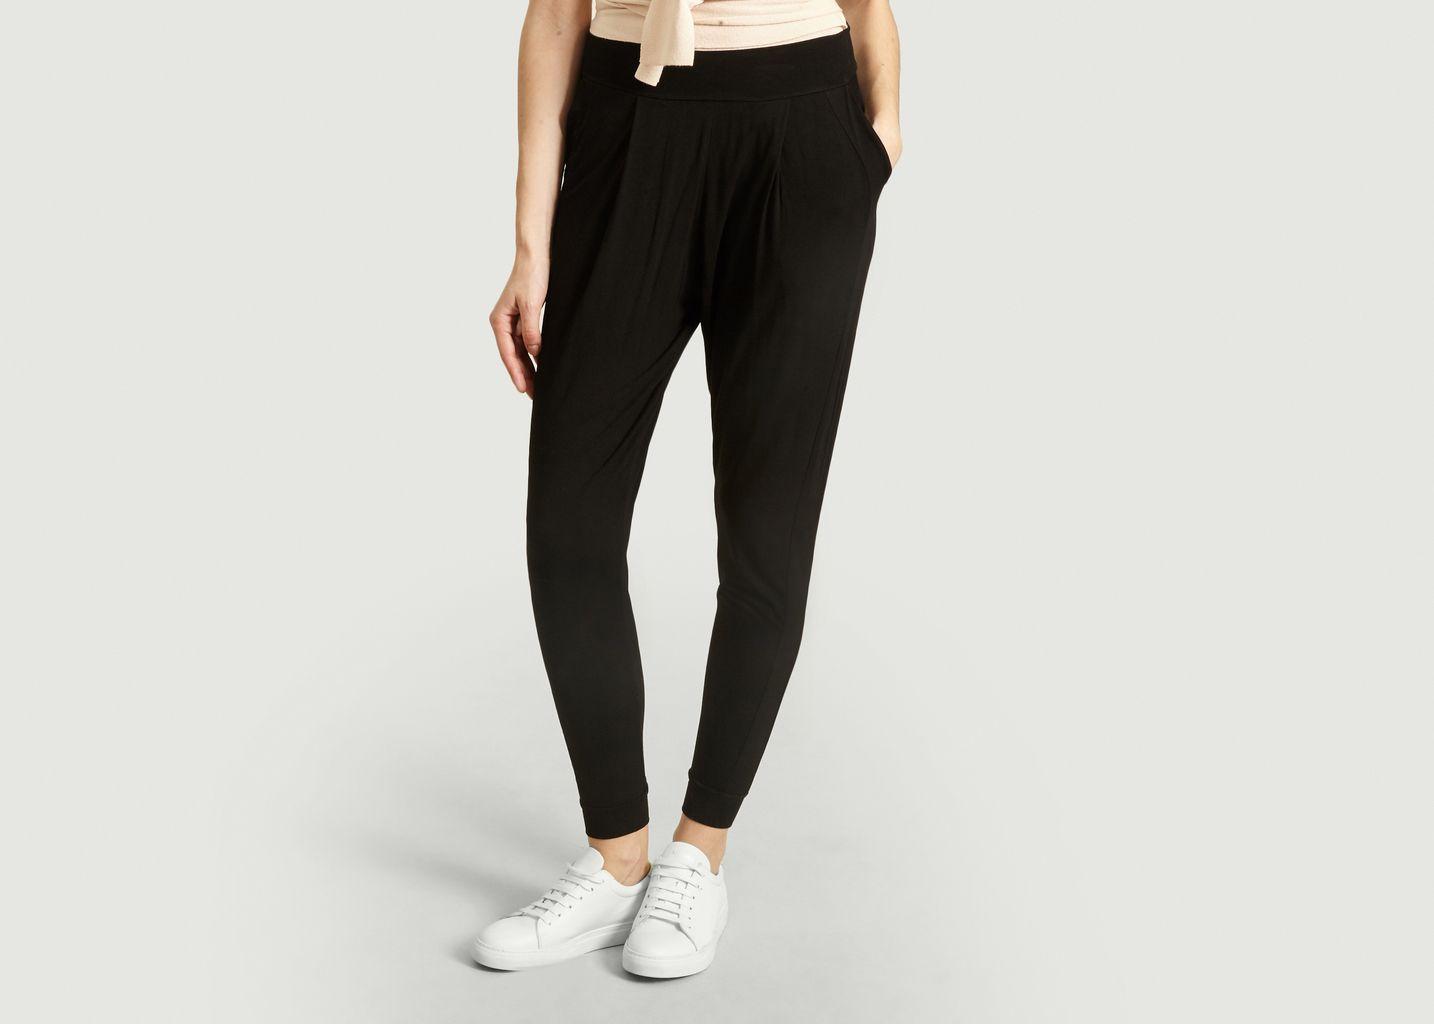 Pantalon Siglé Sarouel - Repetto